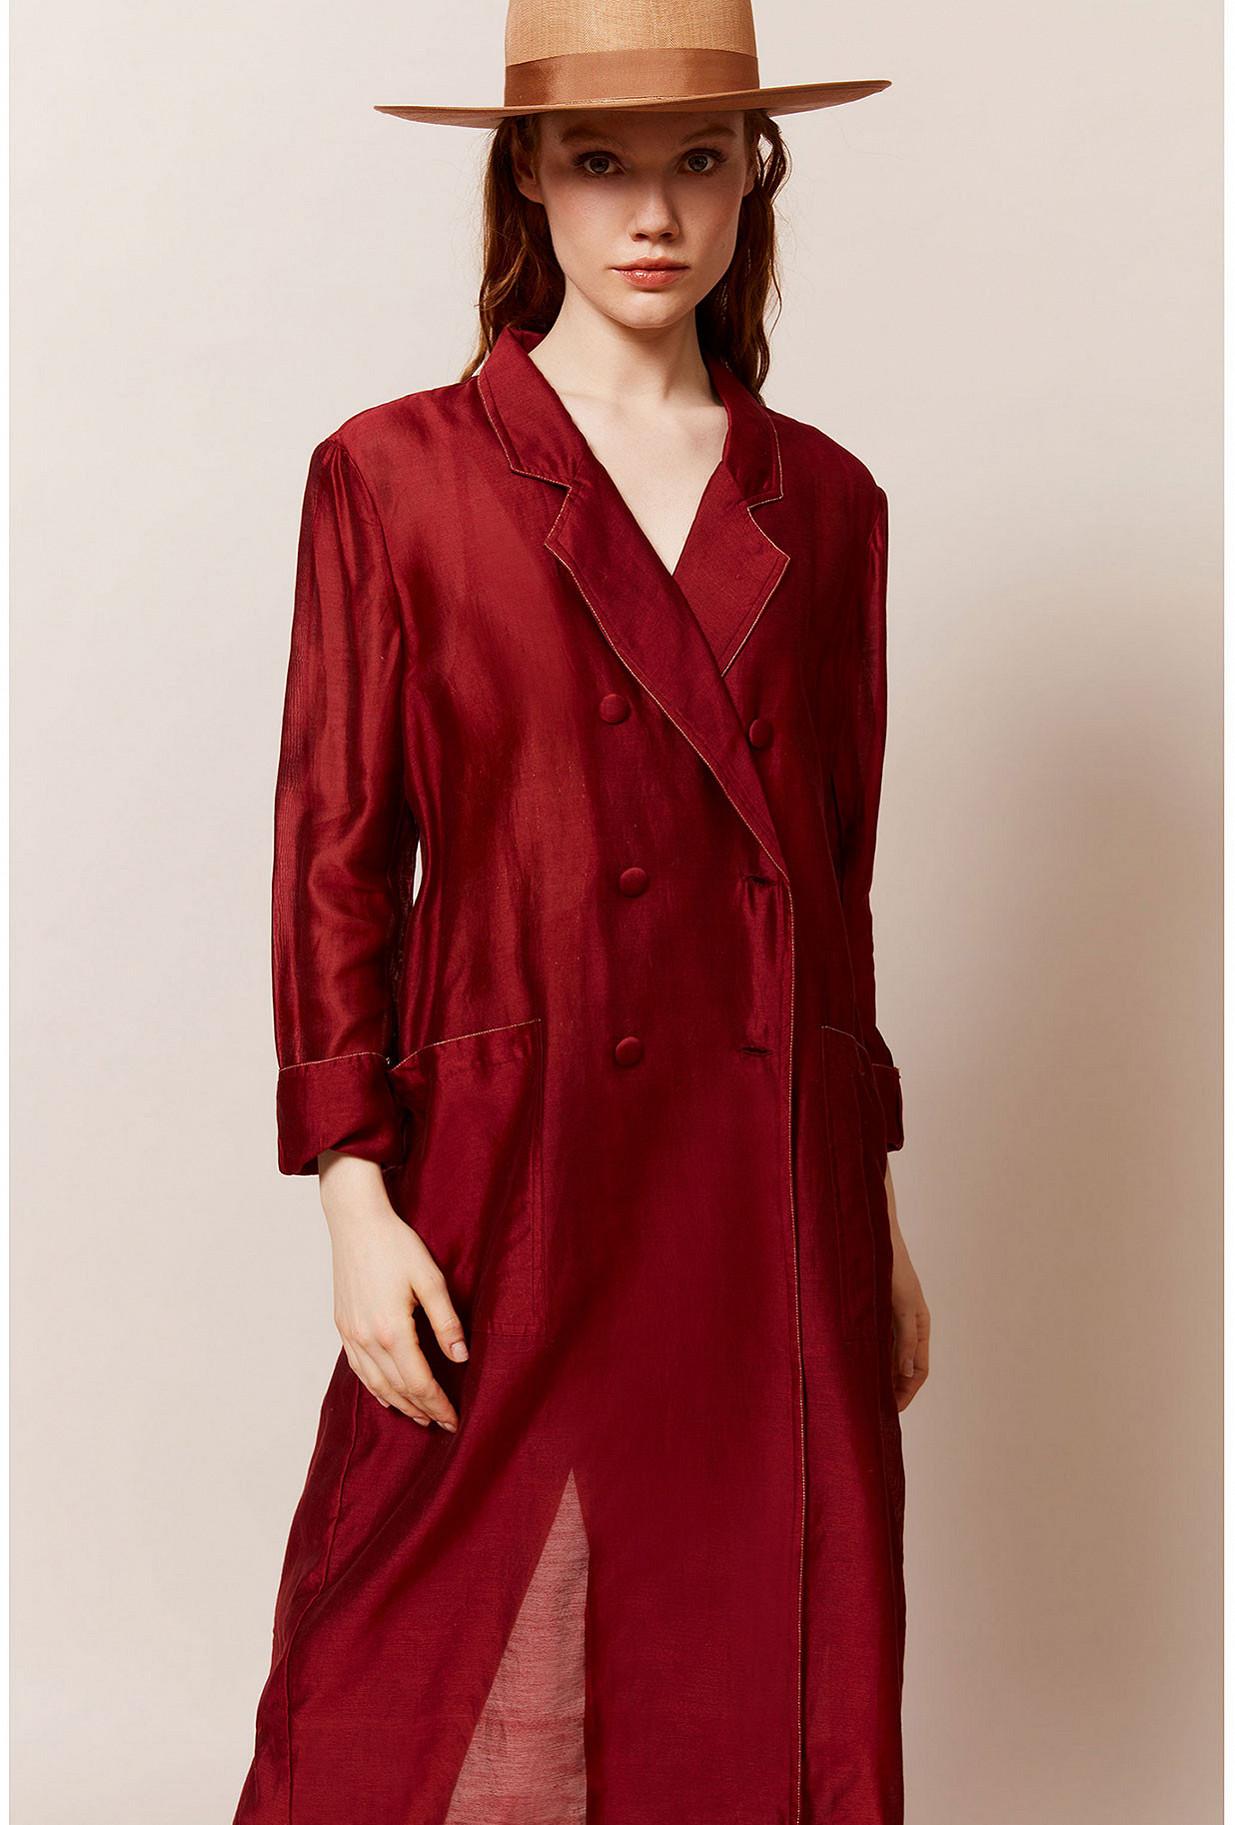 Paris clothes store Jacket  Oxygene french designer fashion Paris